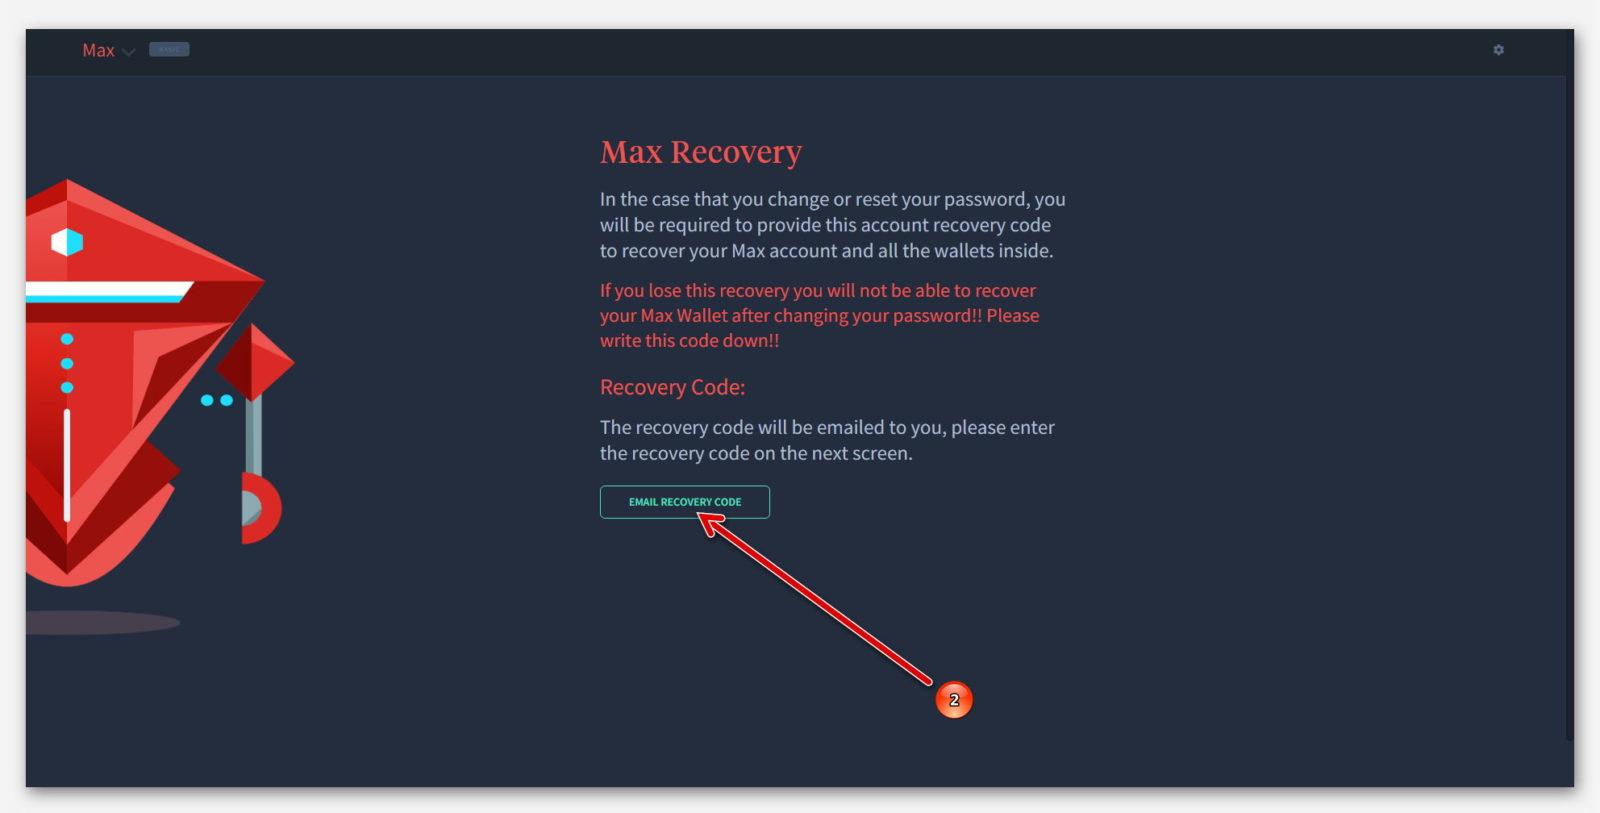 Сохранить код восстановления в Роботе Max, на платформе Dropil